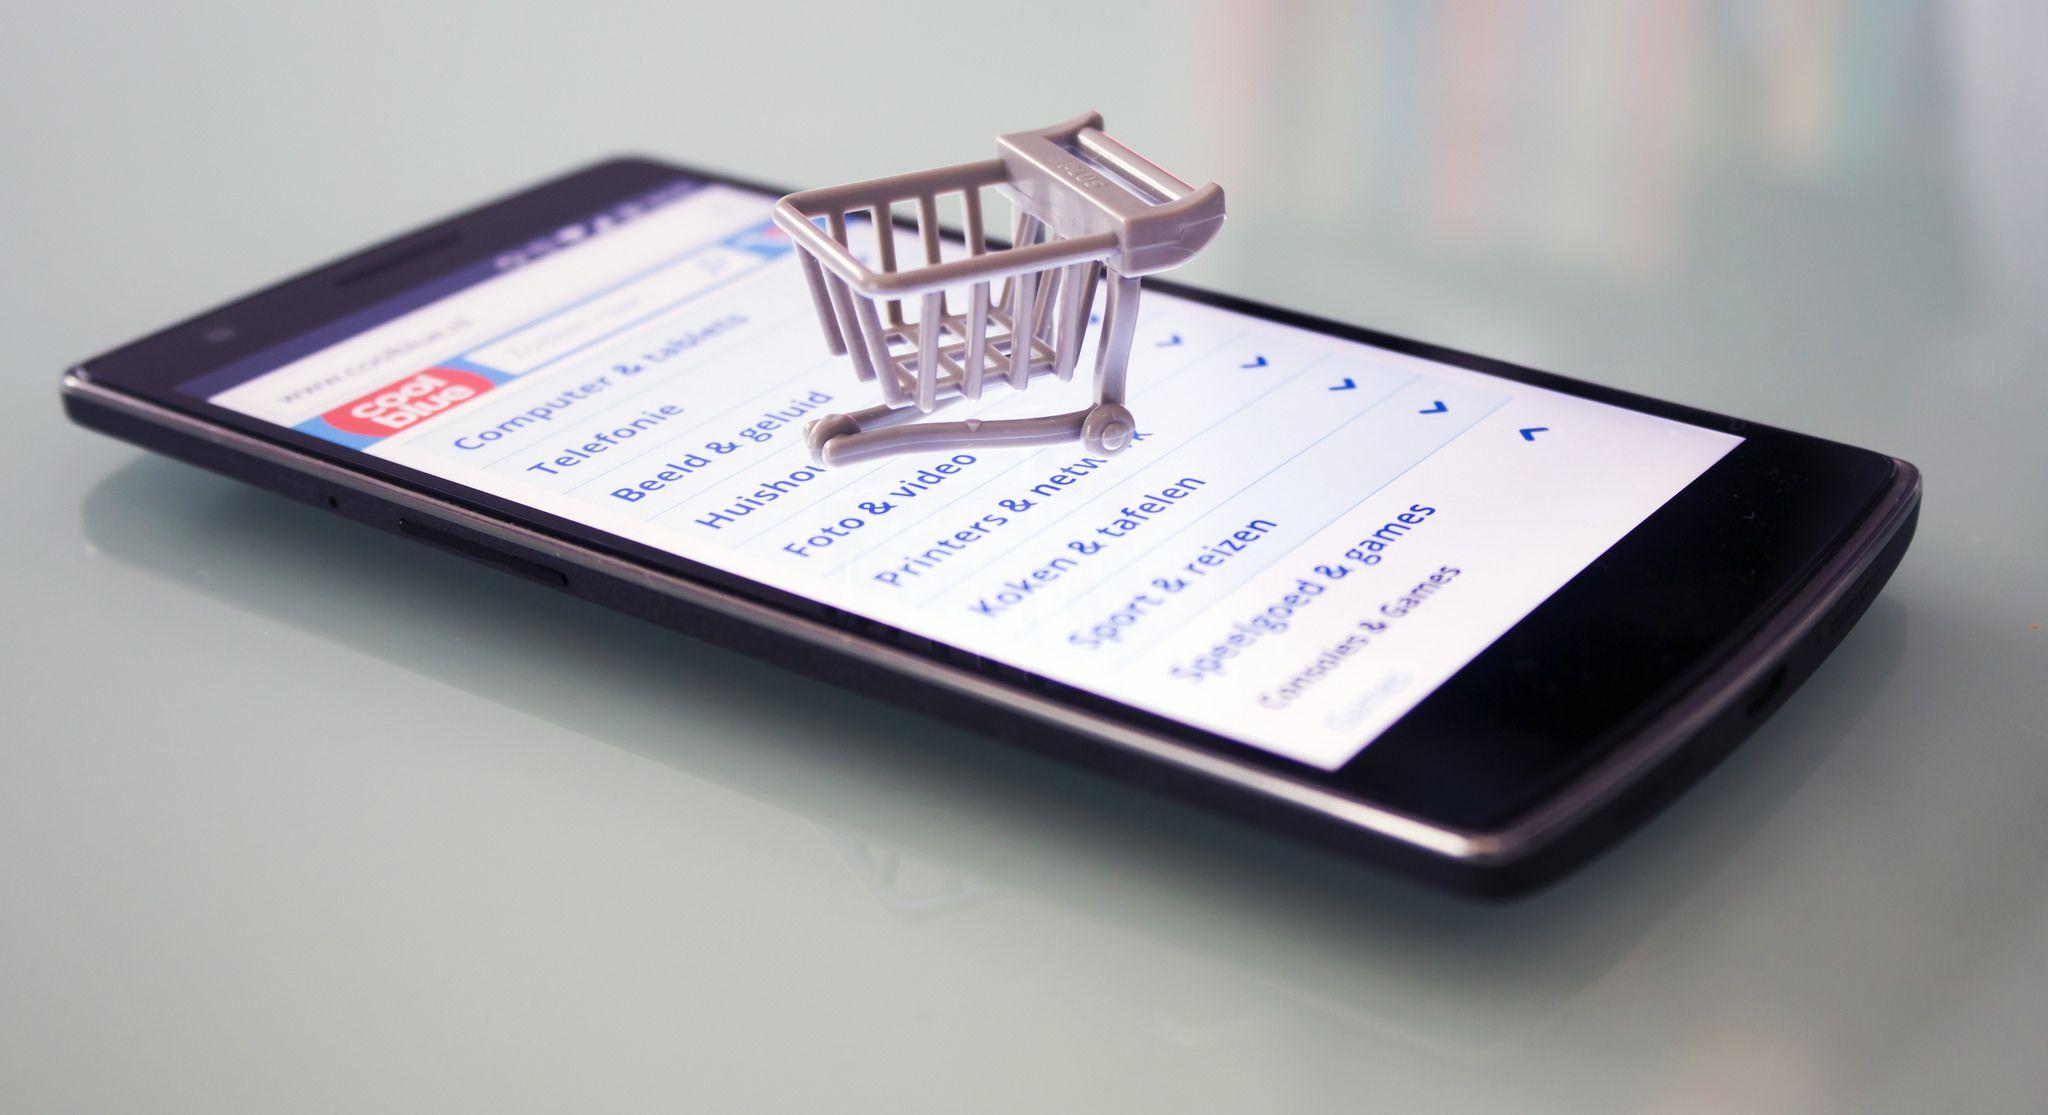 El 21,5 % de la población española ha hecho uso de pagos móviles en 2015